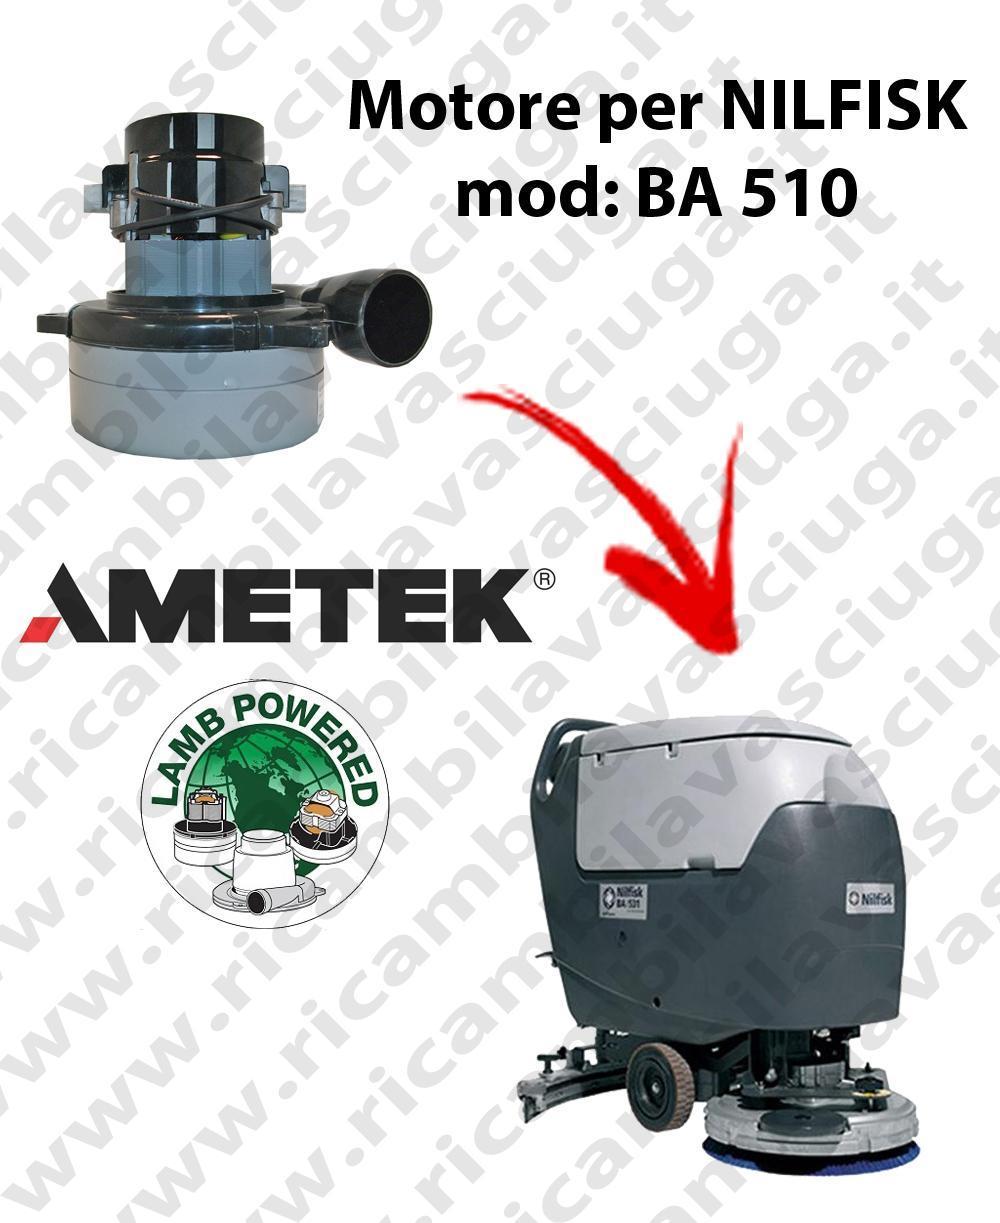 BA 510 Motore de aspiración LAMB AMETEK para fregadora NILFISK